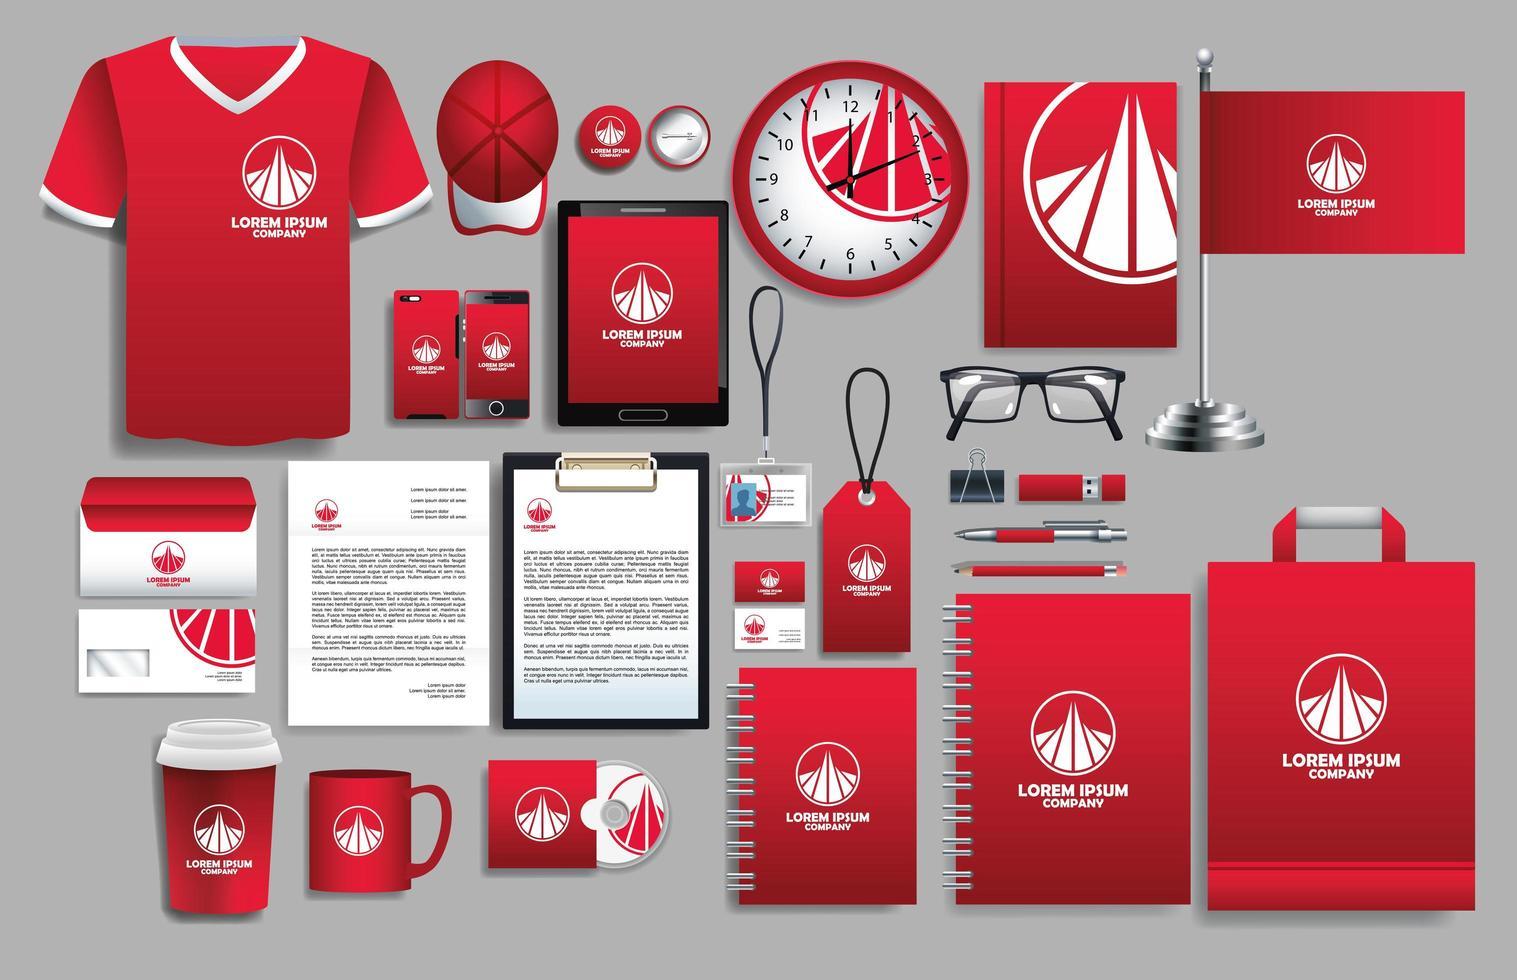 uppsättning röda, vita logotypelement med brevpappermallar vektor